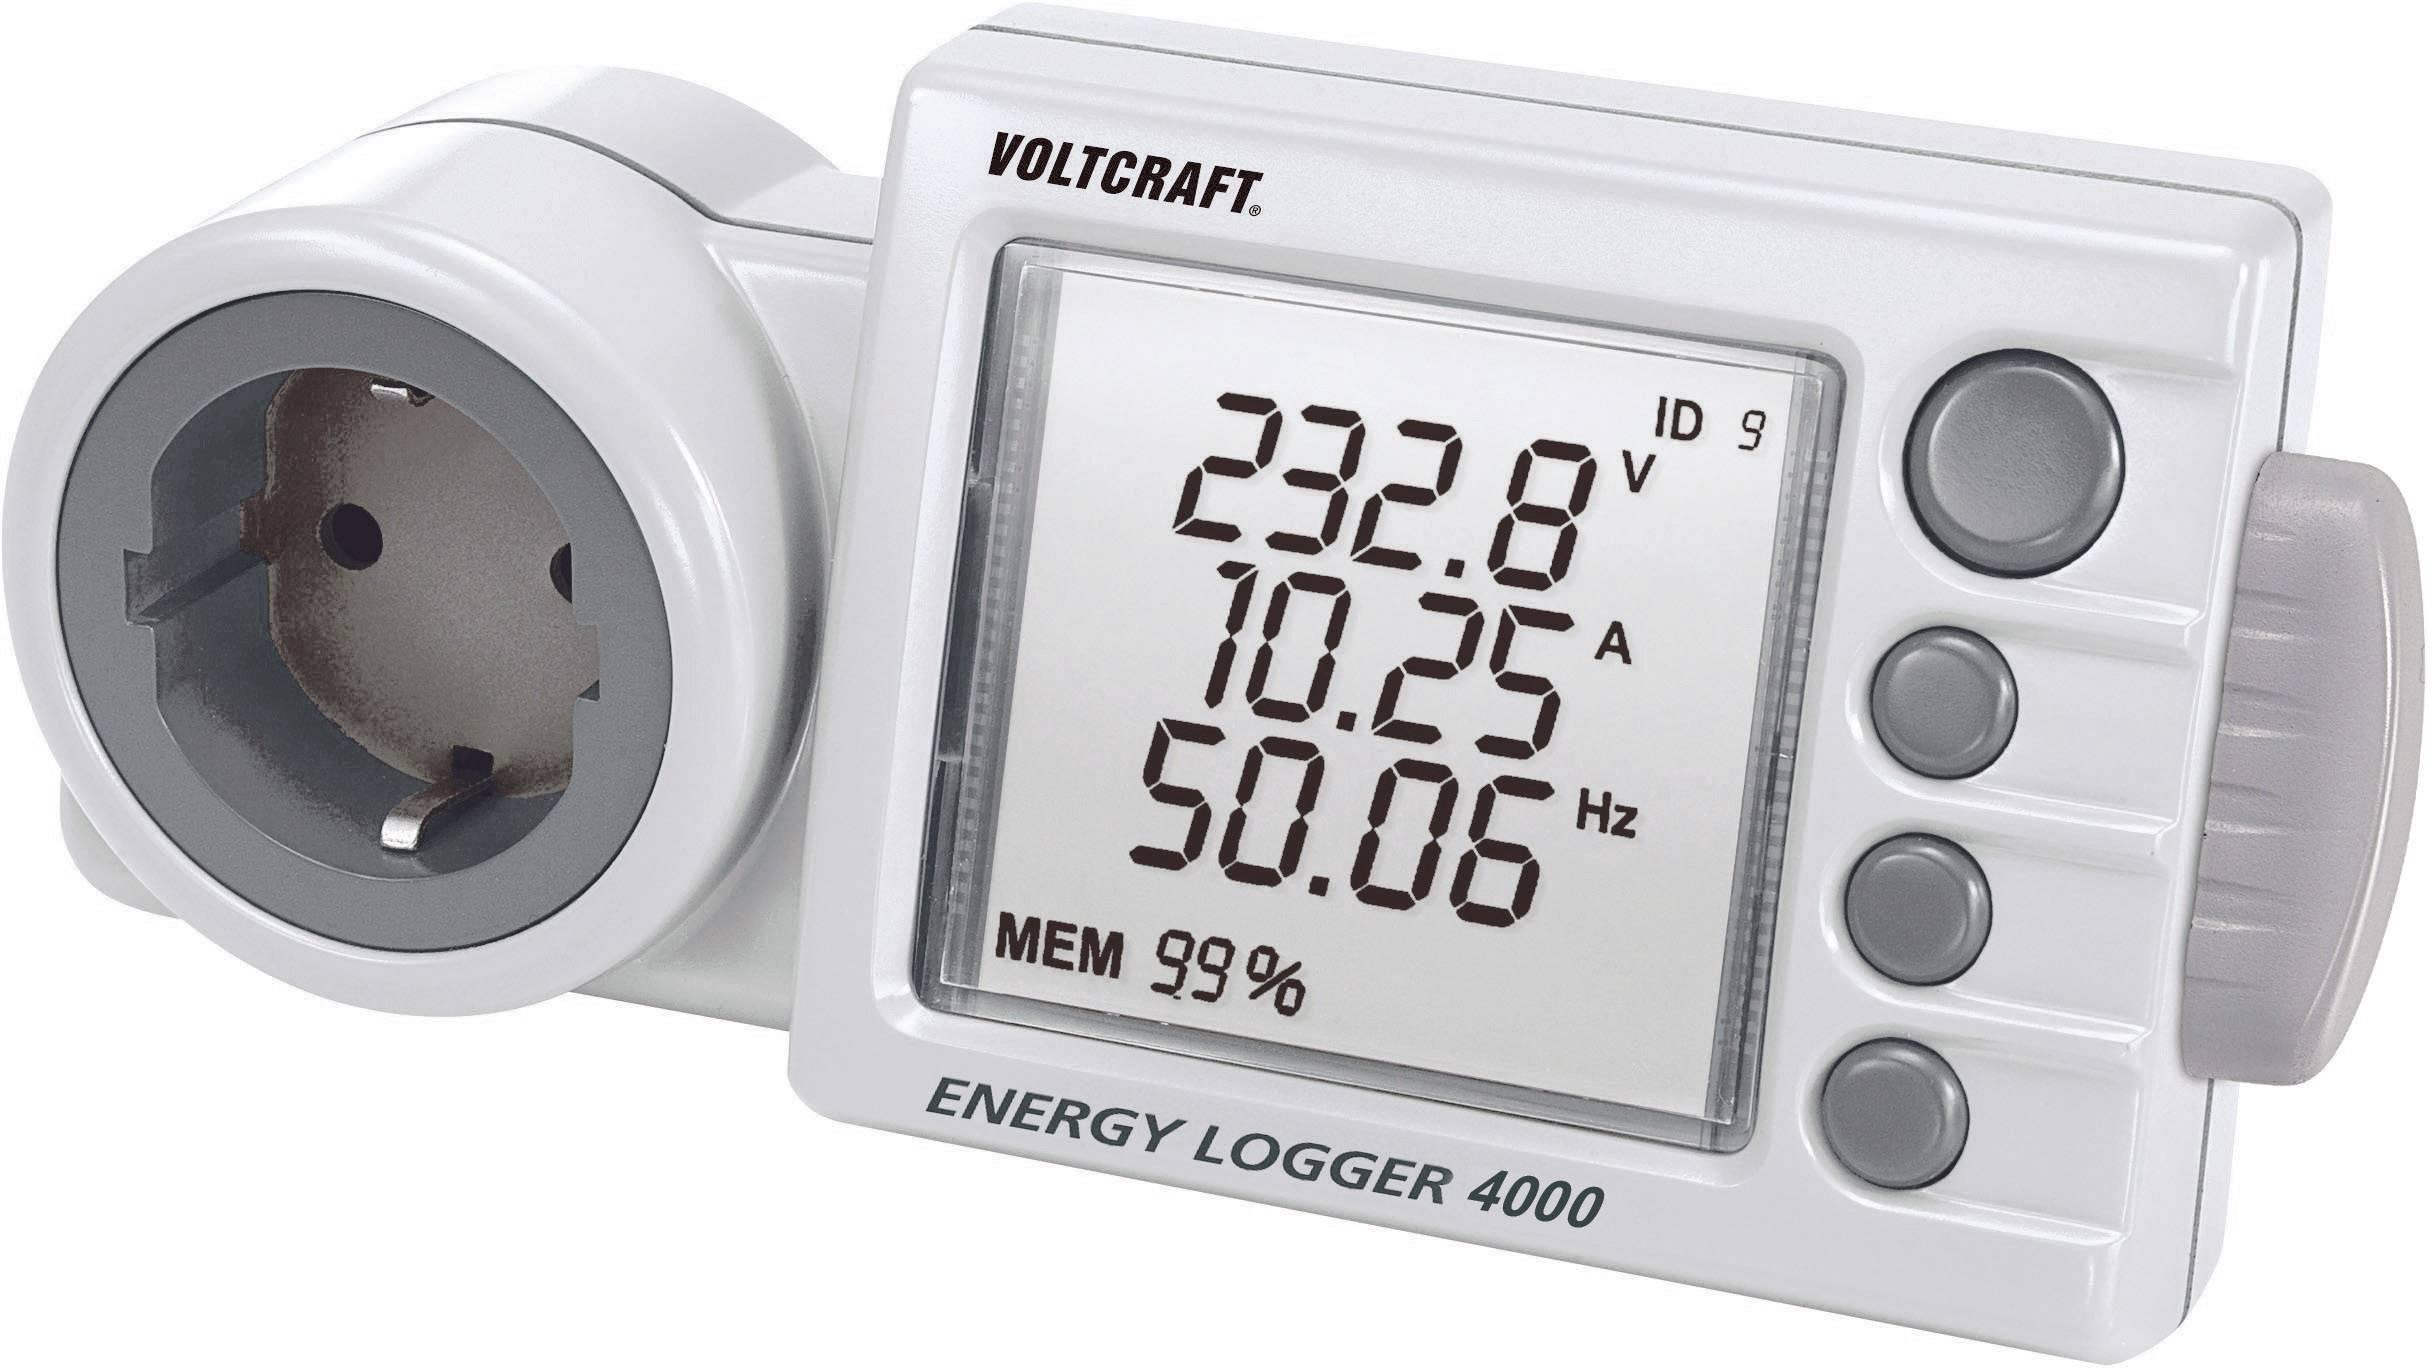 Měřič spotřeby el. energie VOLTCRAFT ENERGY-LOGGER 4000